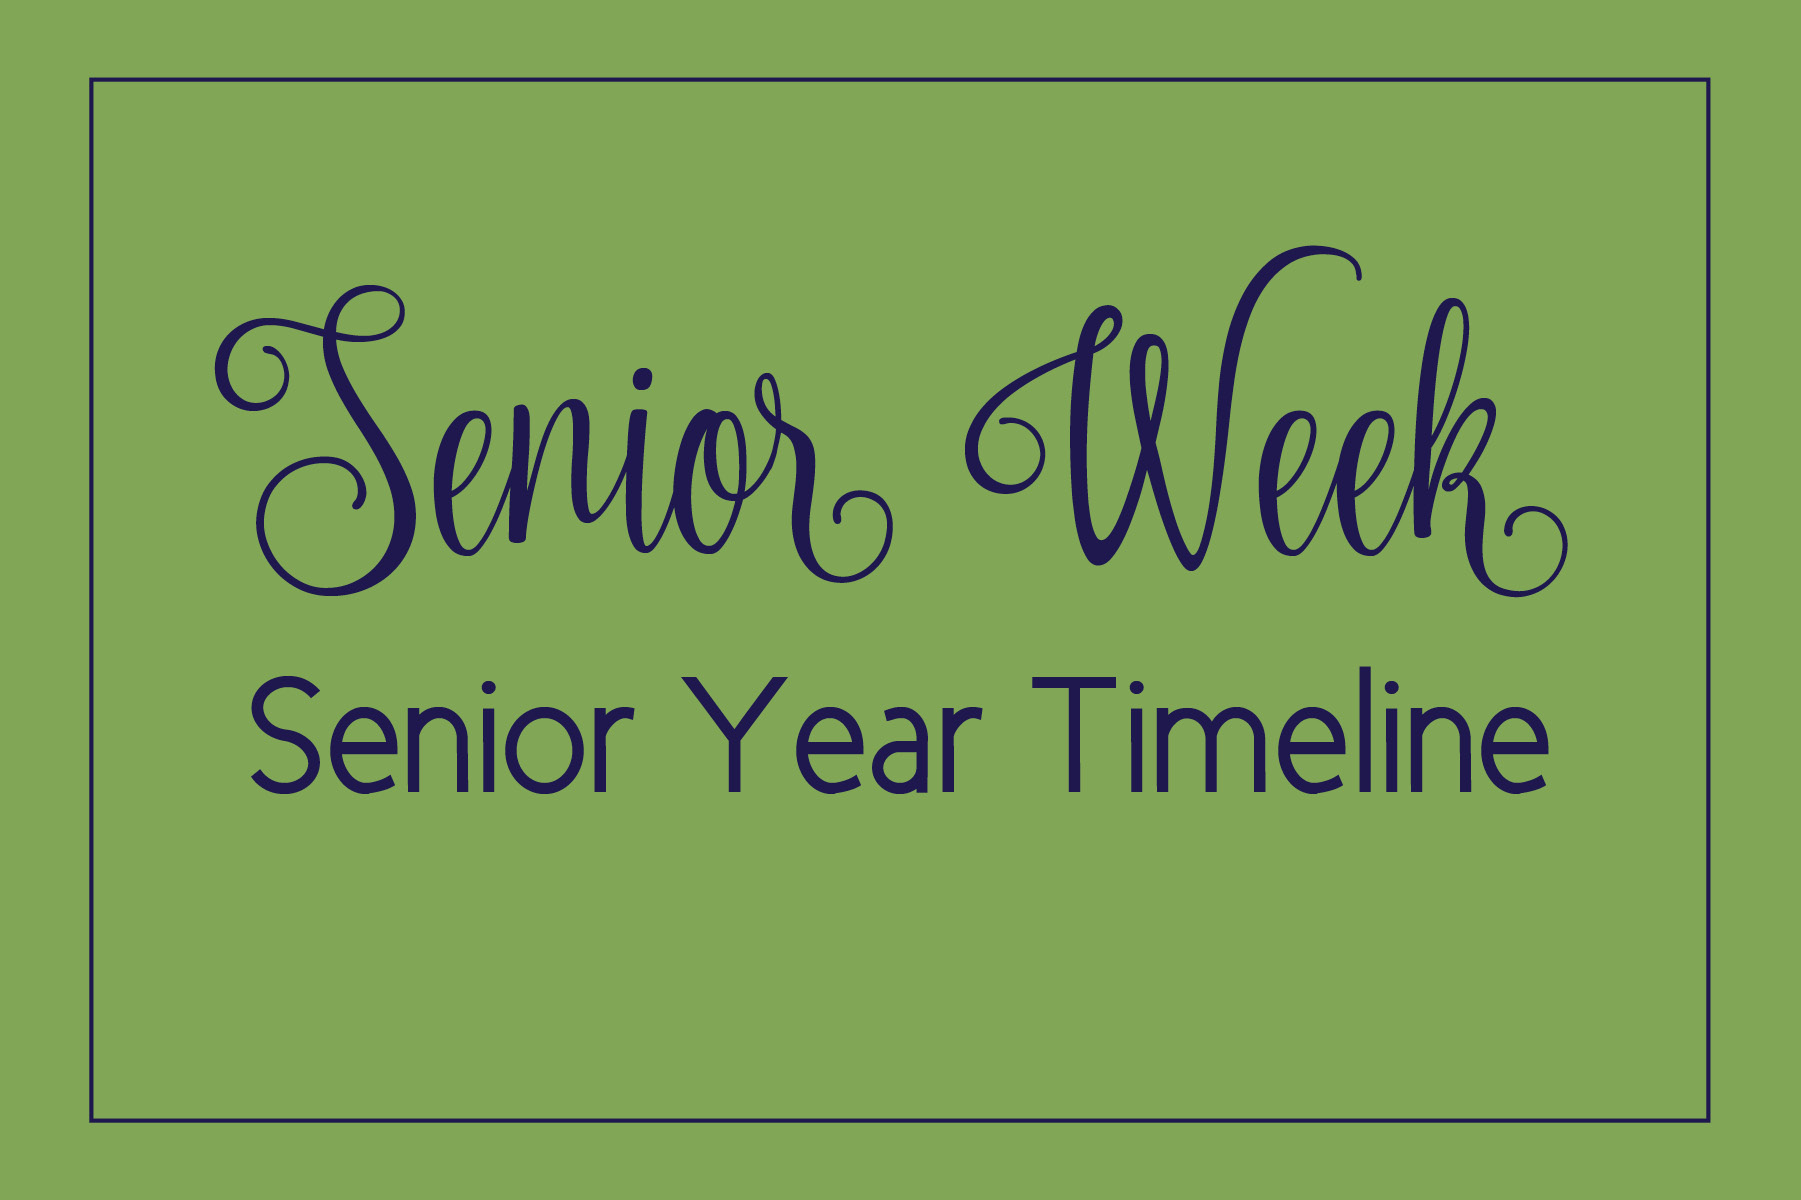 senior week timeline.jpg